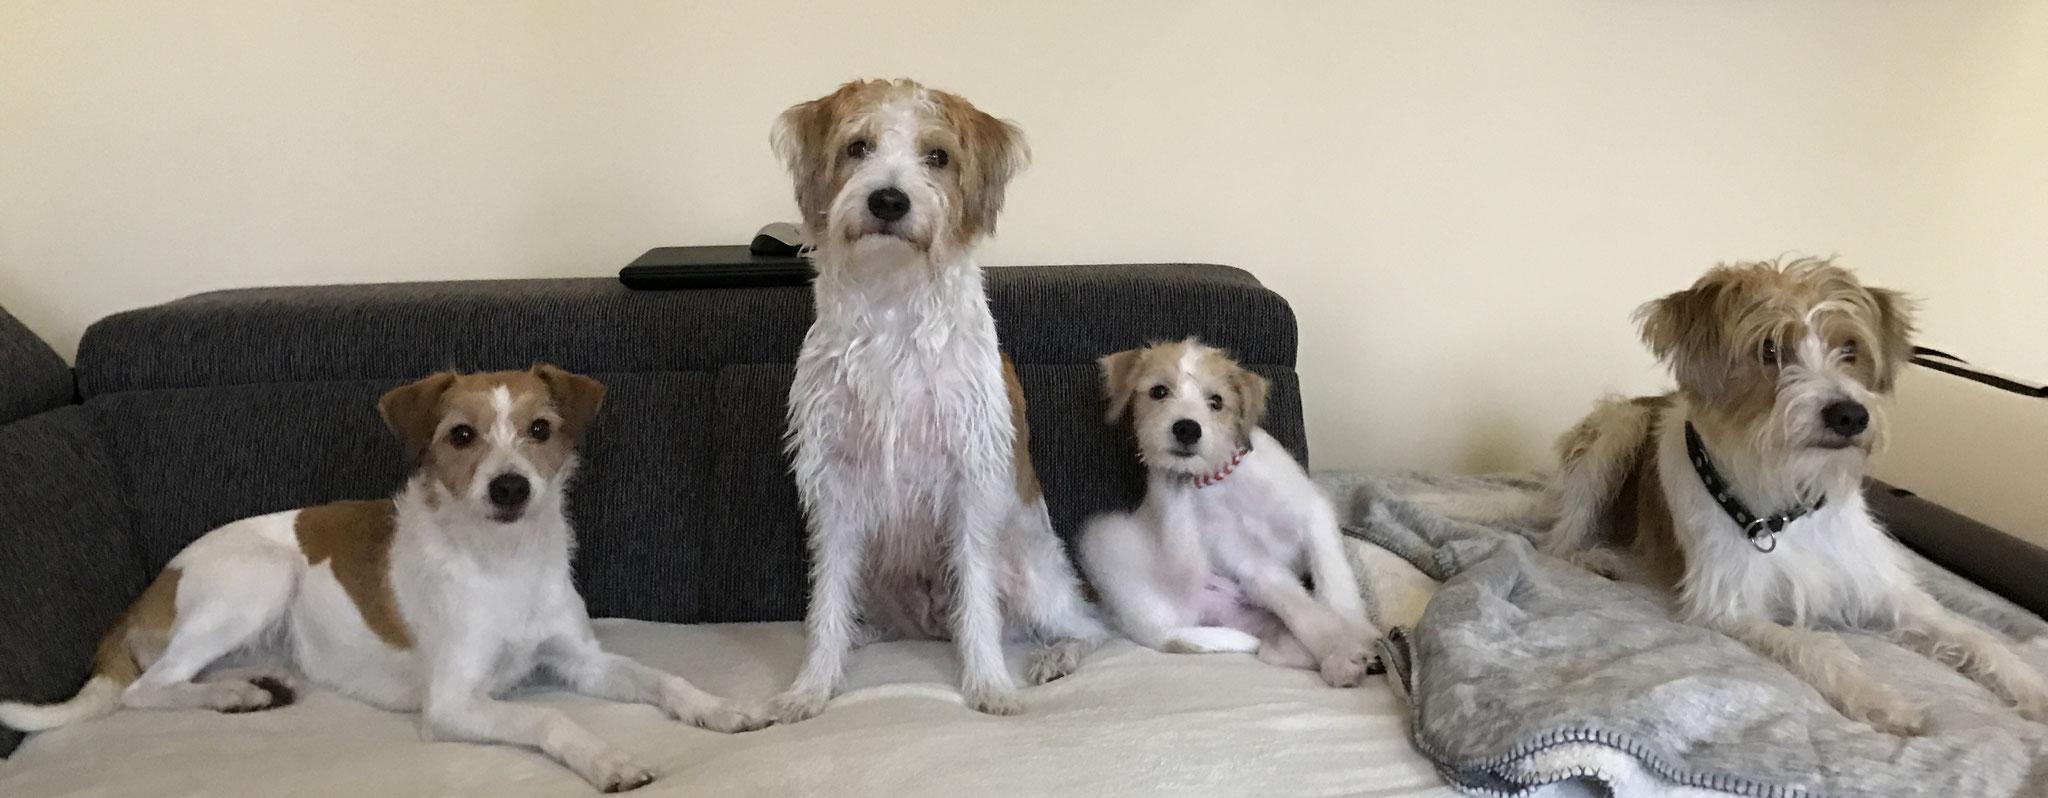 11 Wochen alt mit Schwester Avanti 3,5 Jahre ,Mama Happy 6 Jahre und Bruder Branko fast 2 Jahre